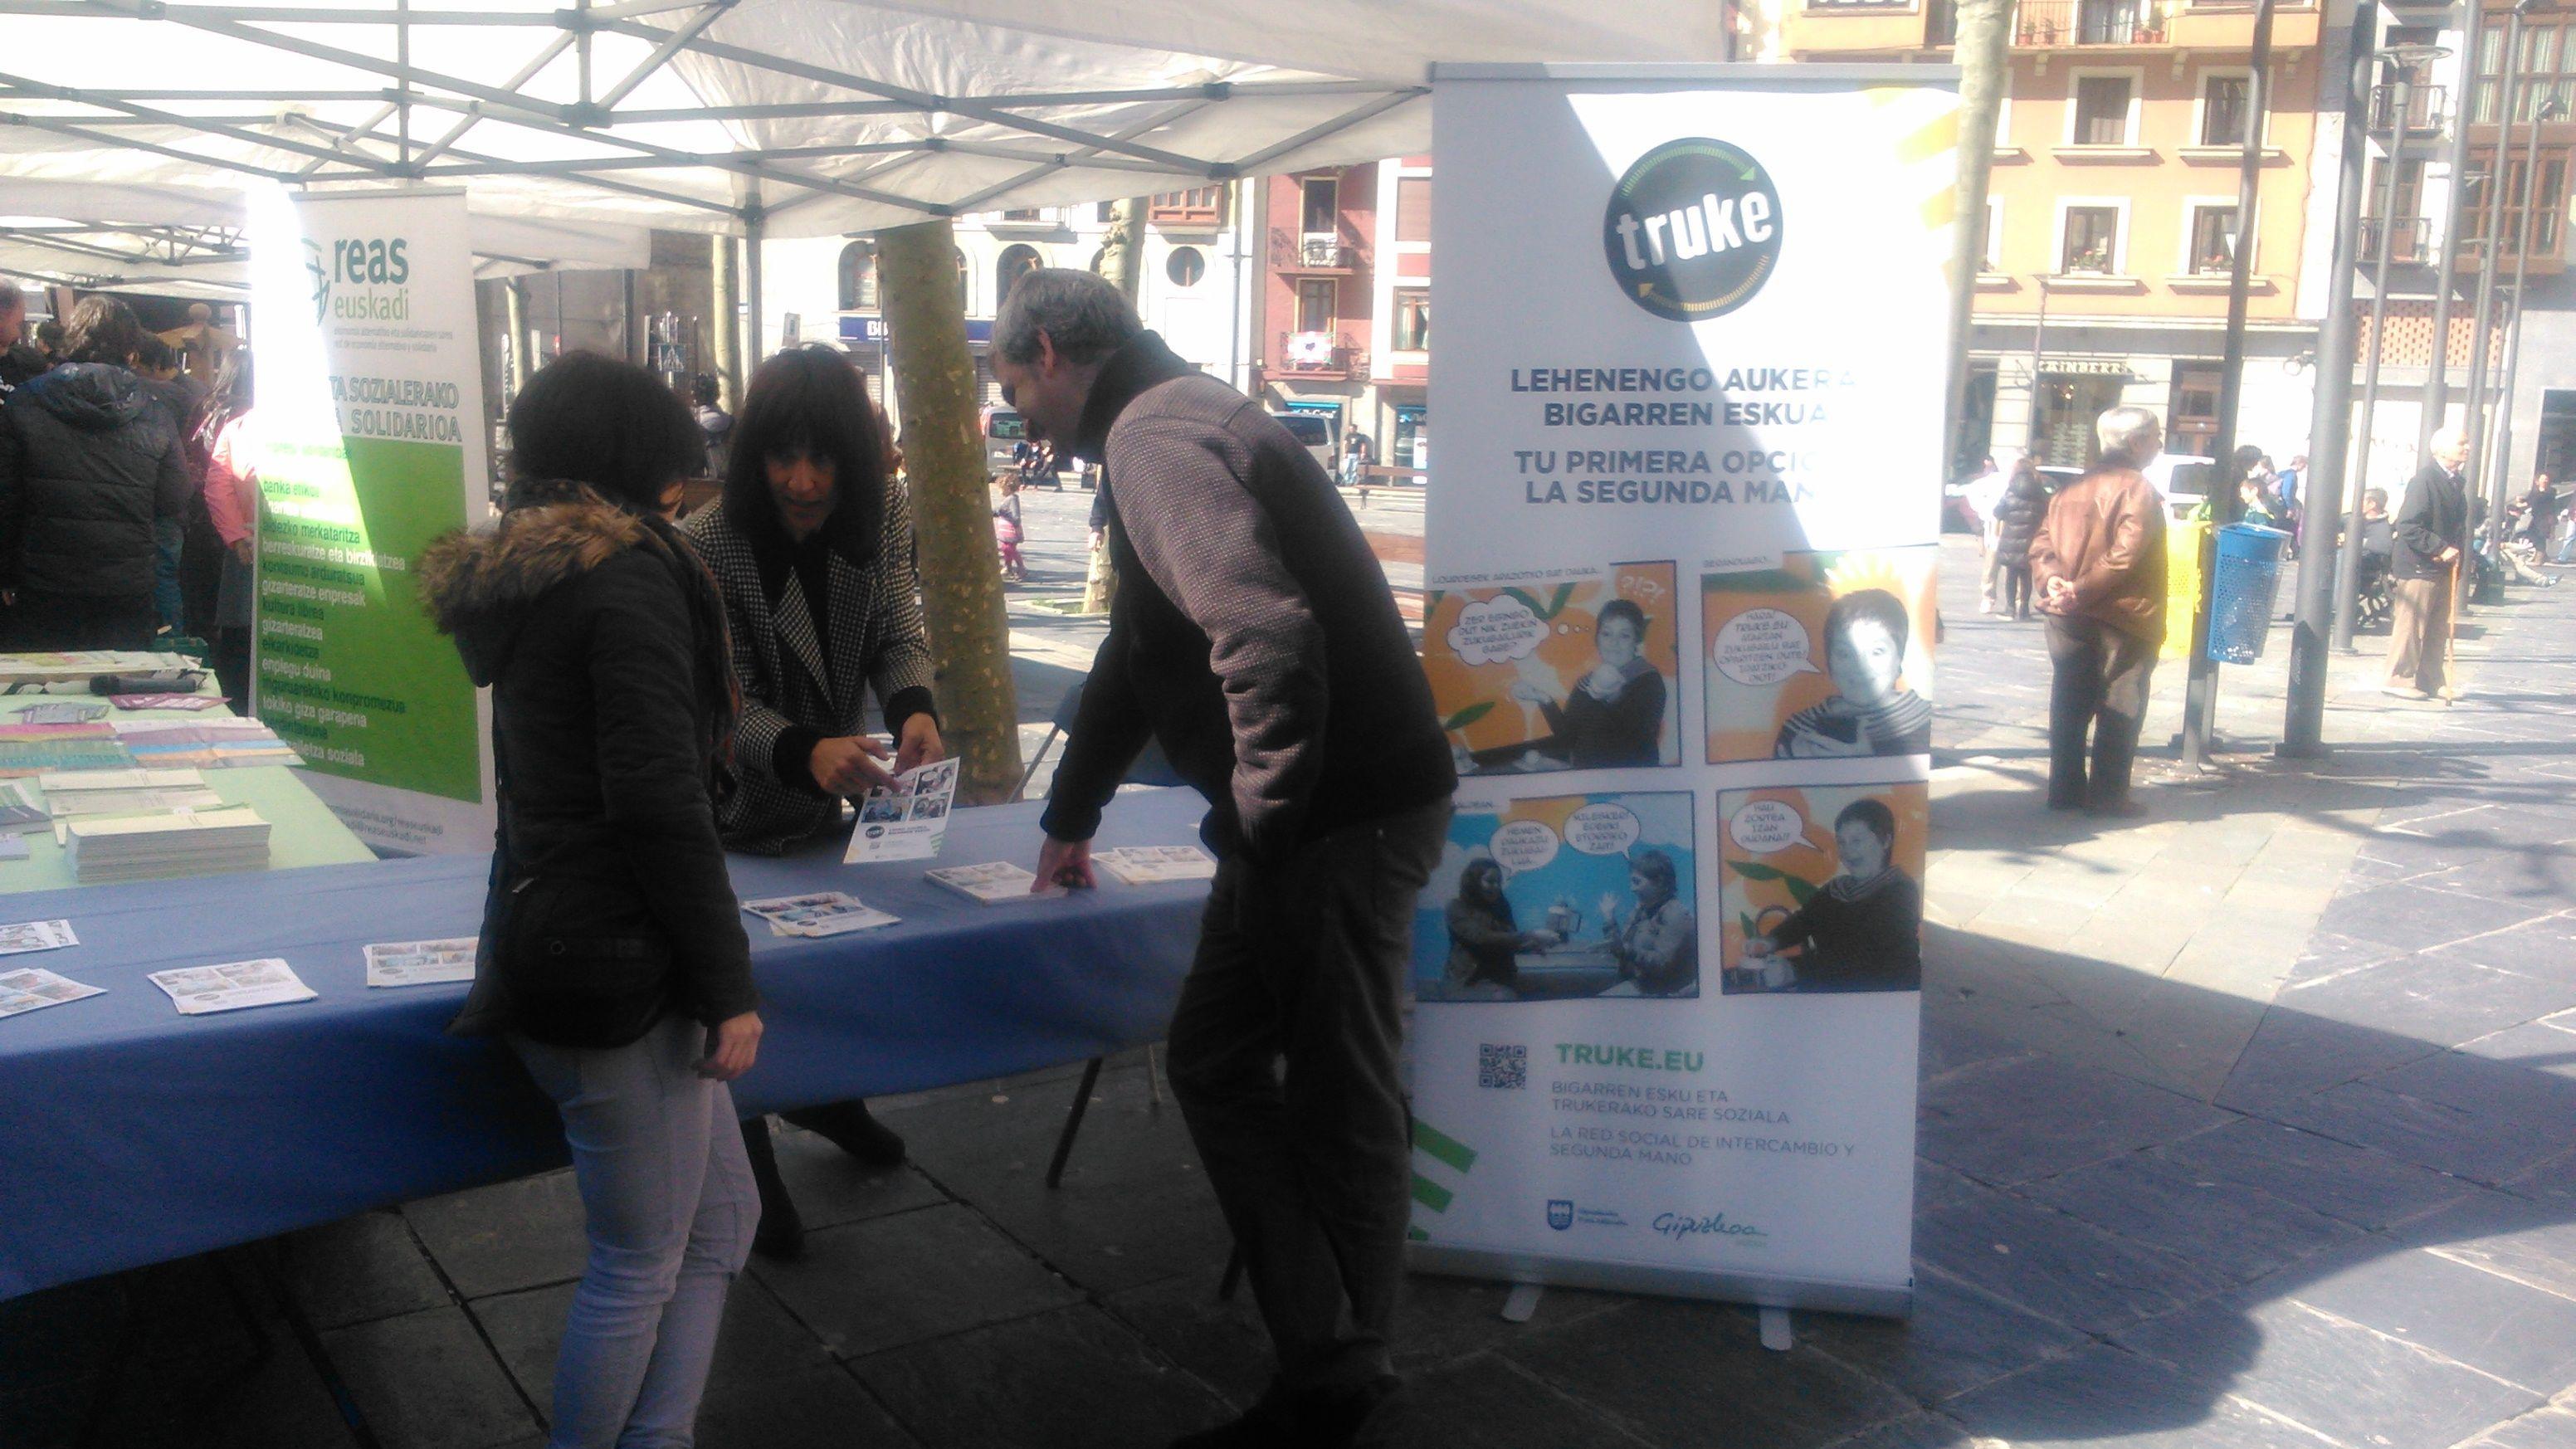 TRUKE, en el Mercado Solidario que REAS organizó en Tolosa.